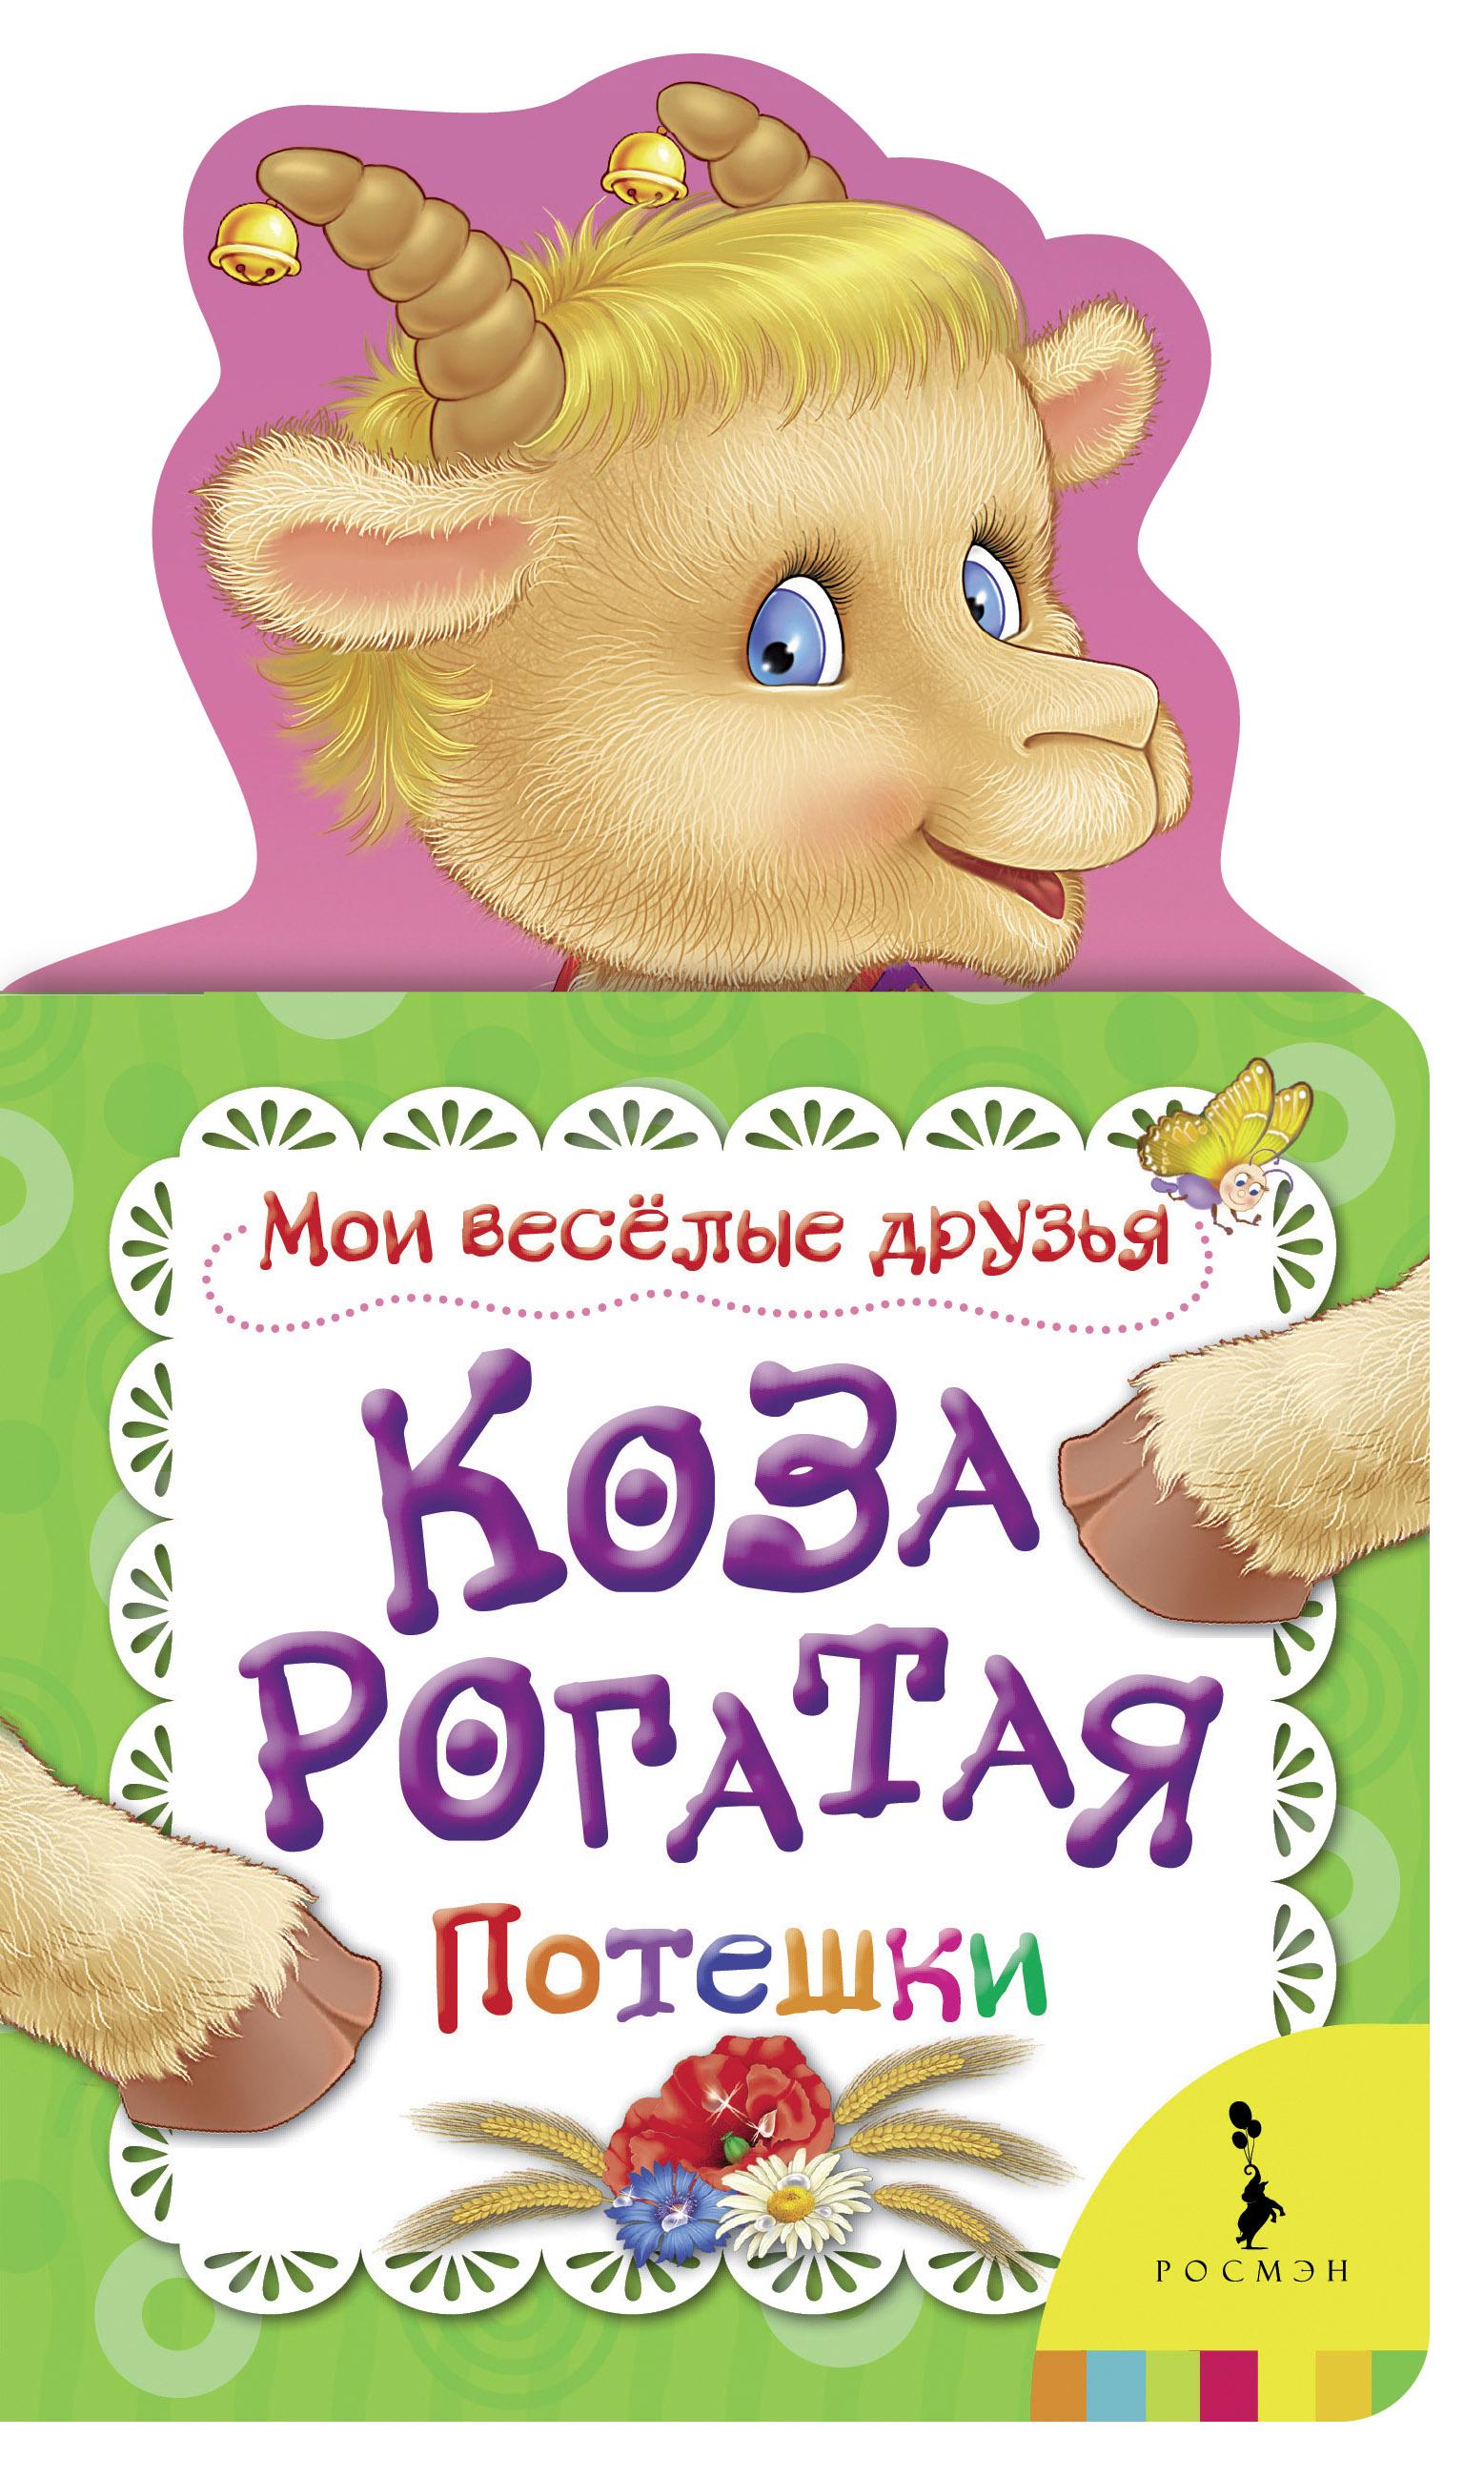 Мазанова Е. К. Зайчик-побегайчик (Мои веселые друзья) (рос) коротеева е веселые друзья фантики аппликация из фантиков